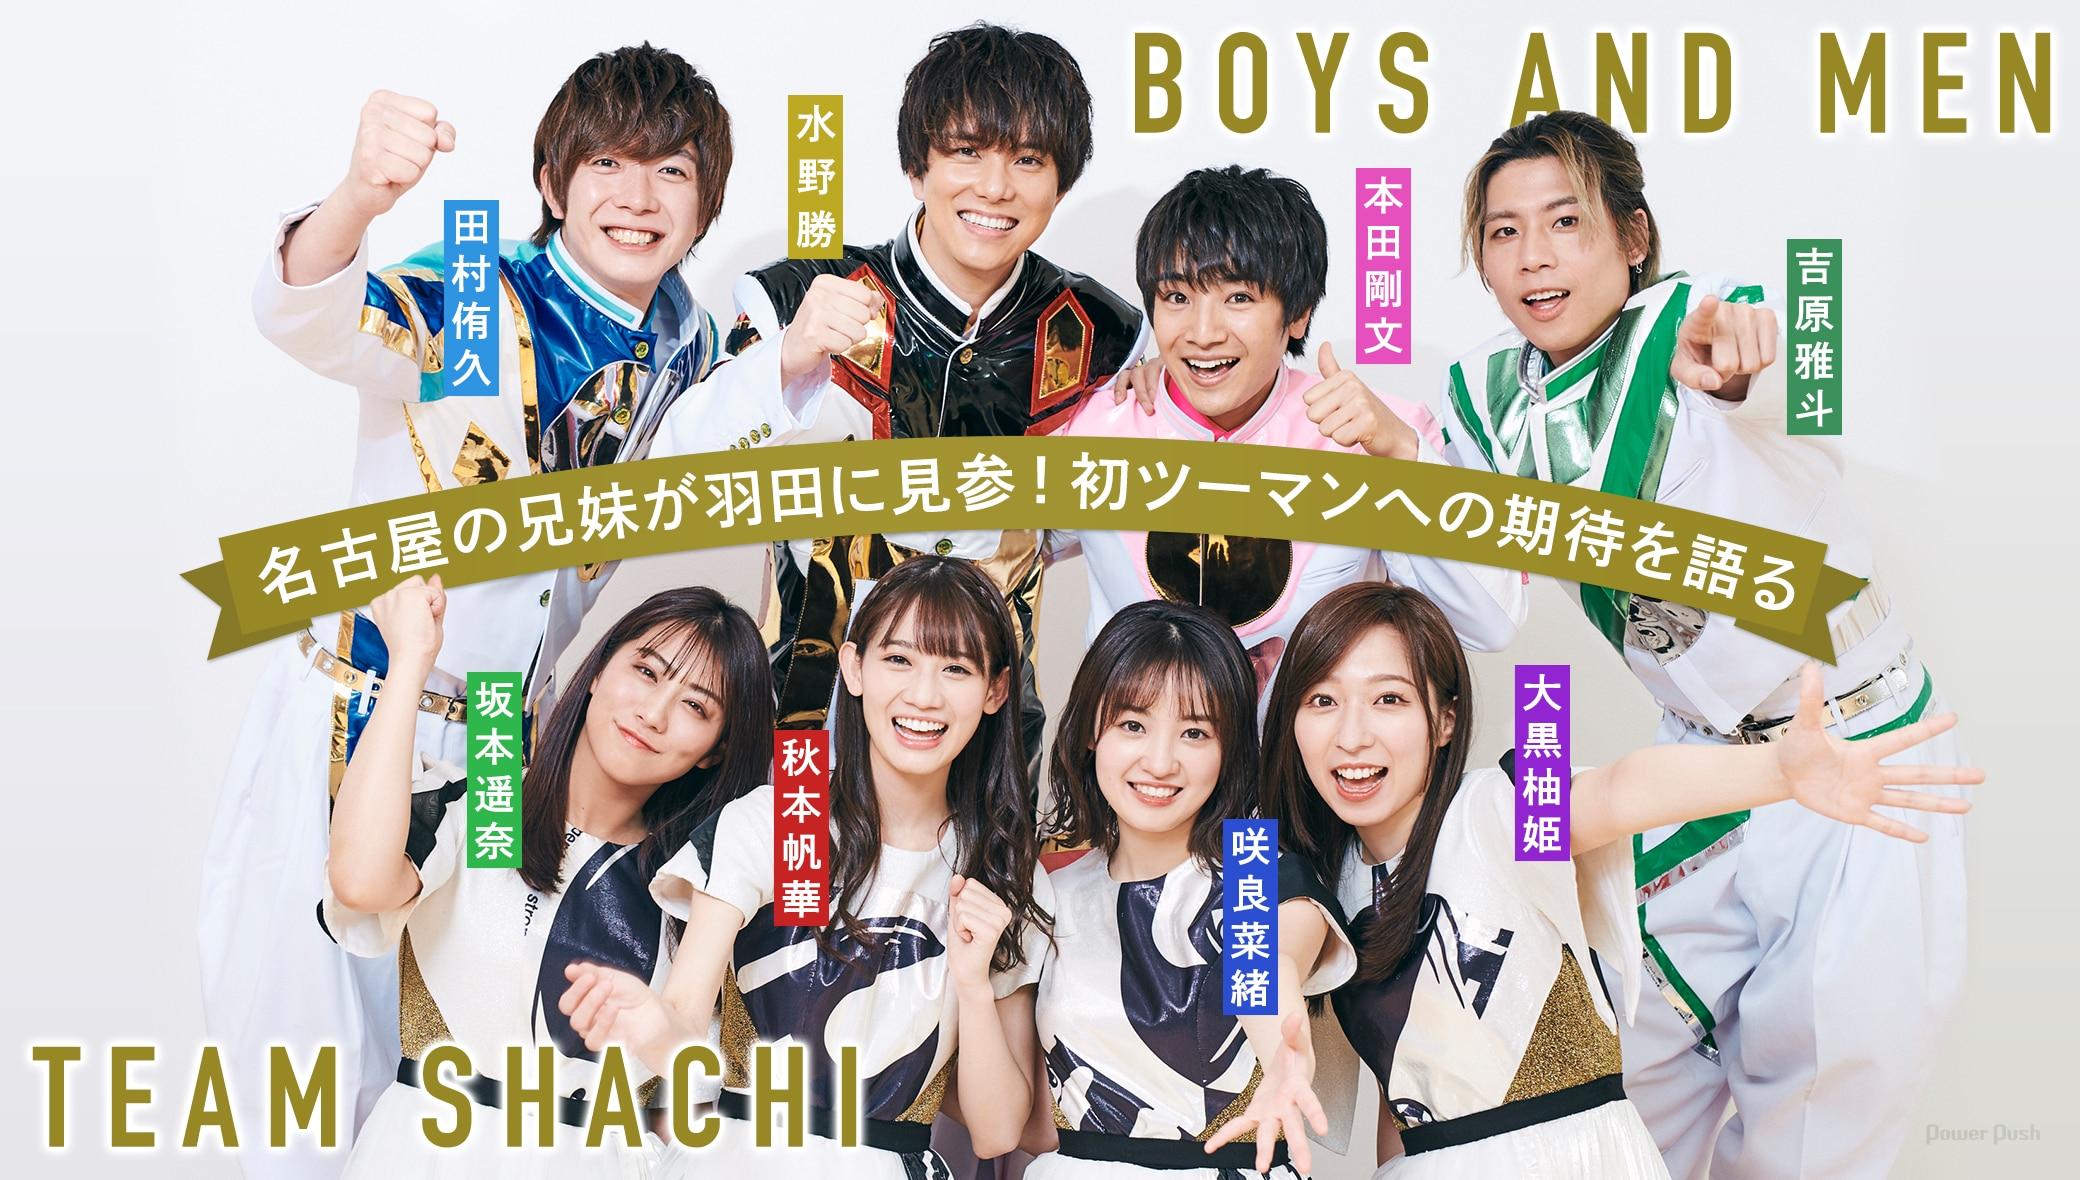 TEAM SHACHI×BOYS AND MEN|名古屋の兄妹が羽田に見参!初ツーマンへの期待を語る